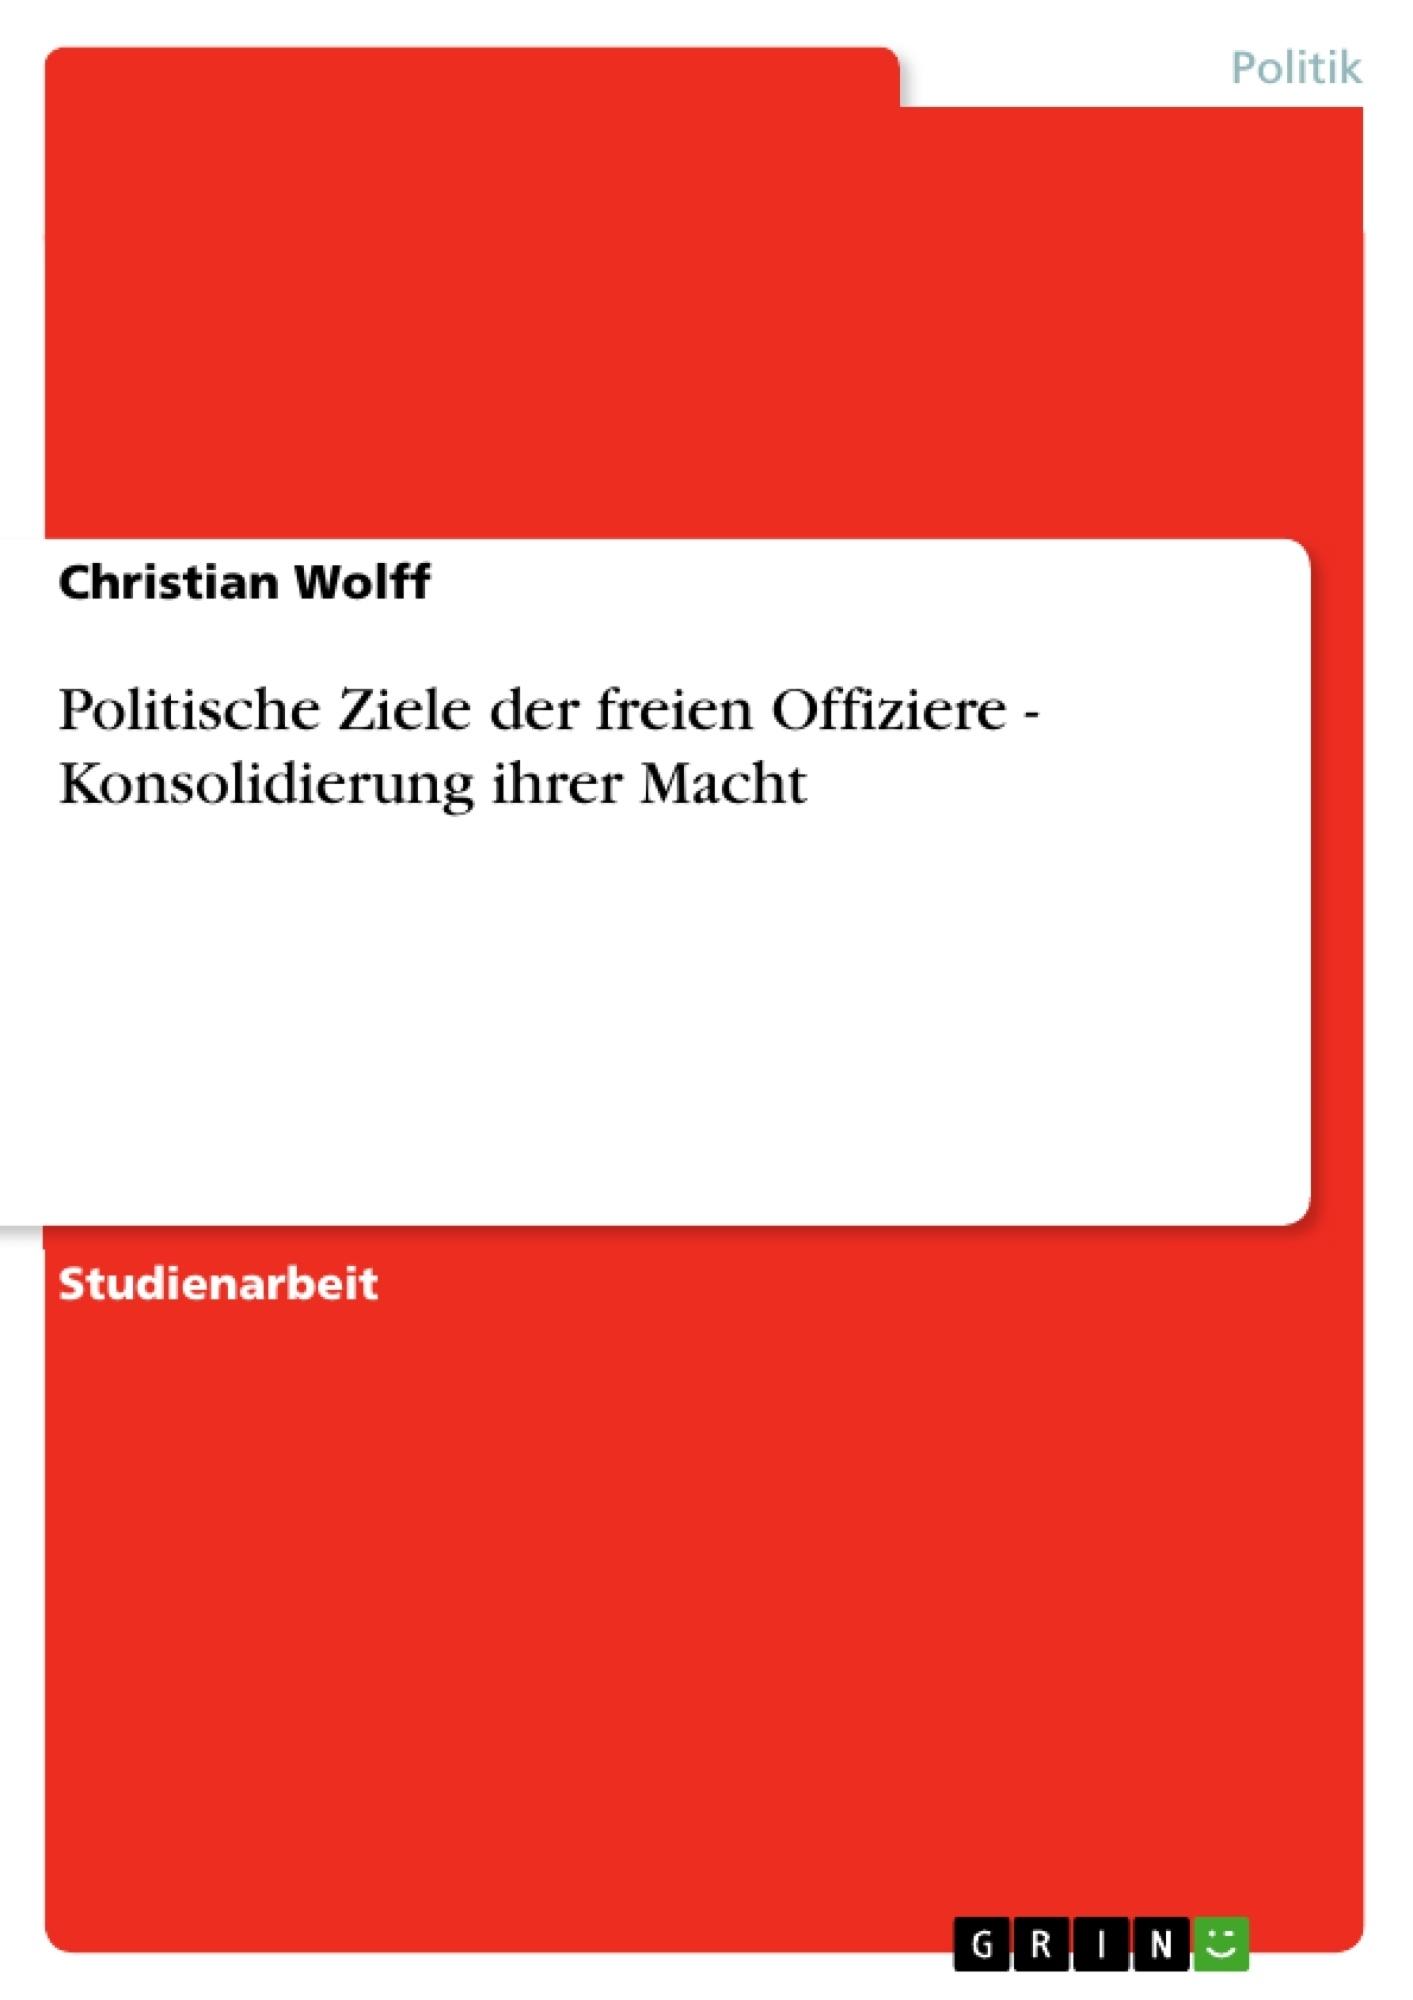 Titel: Politische Ziele der freien Offiziere - Konsolidierung ihrer Macht